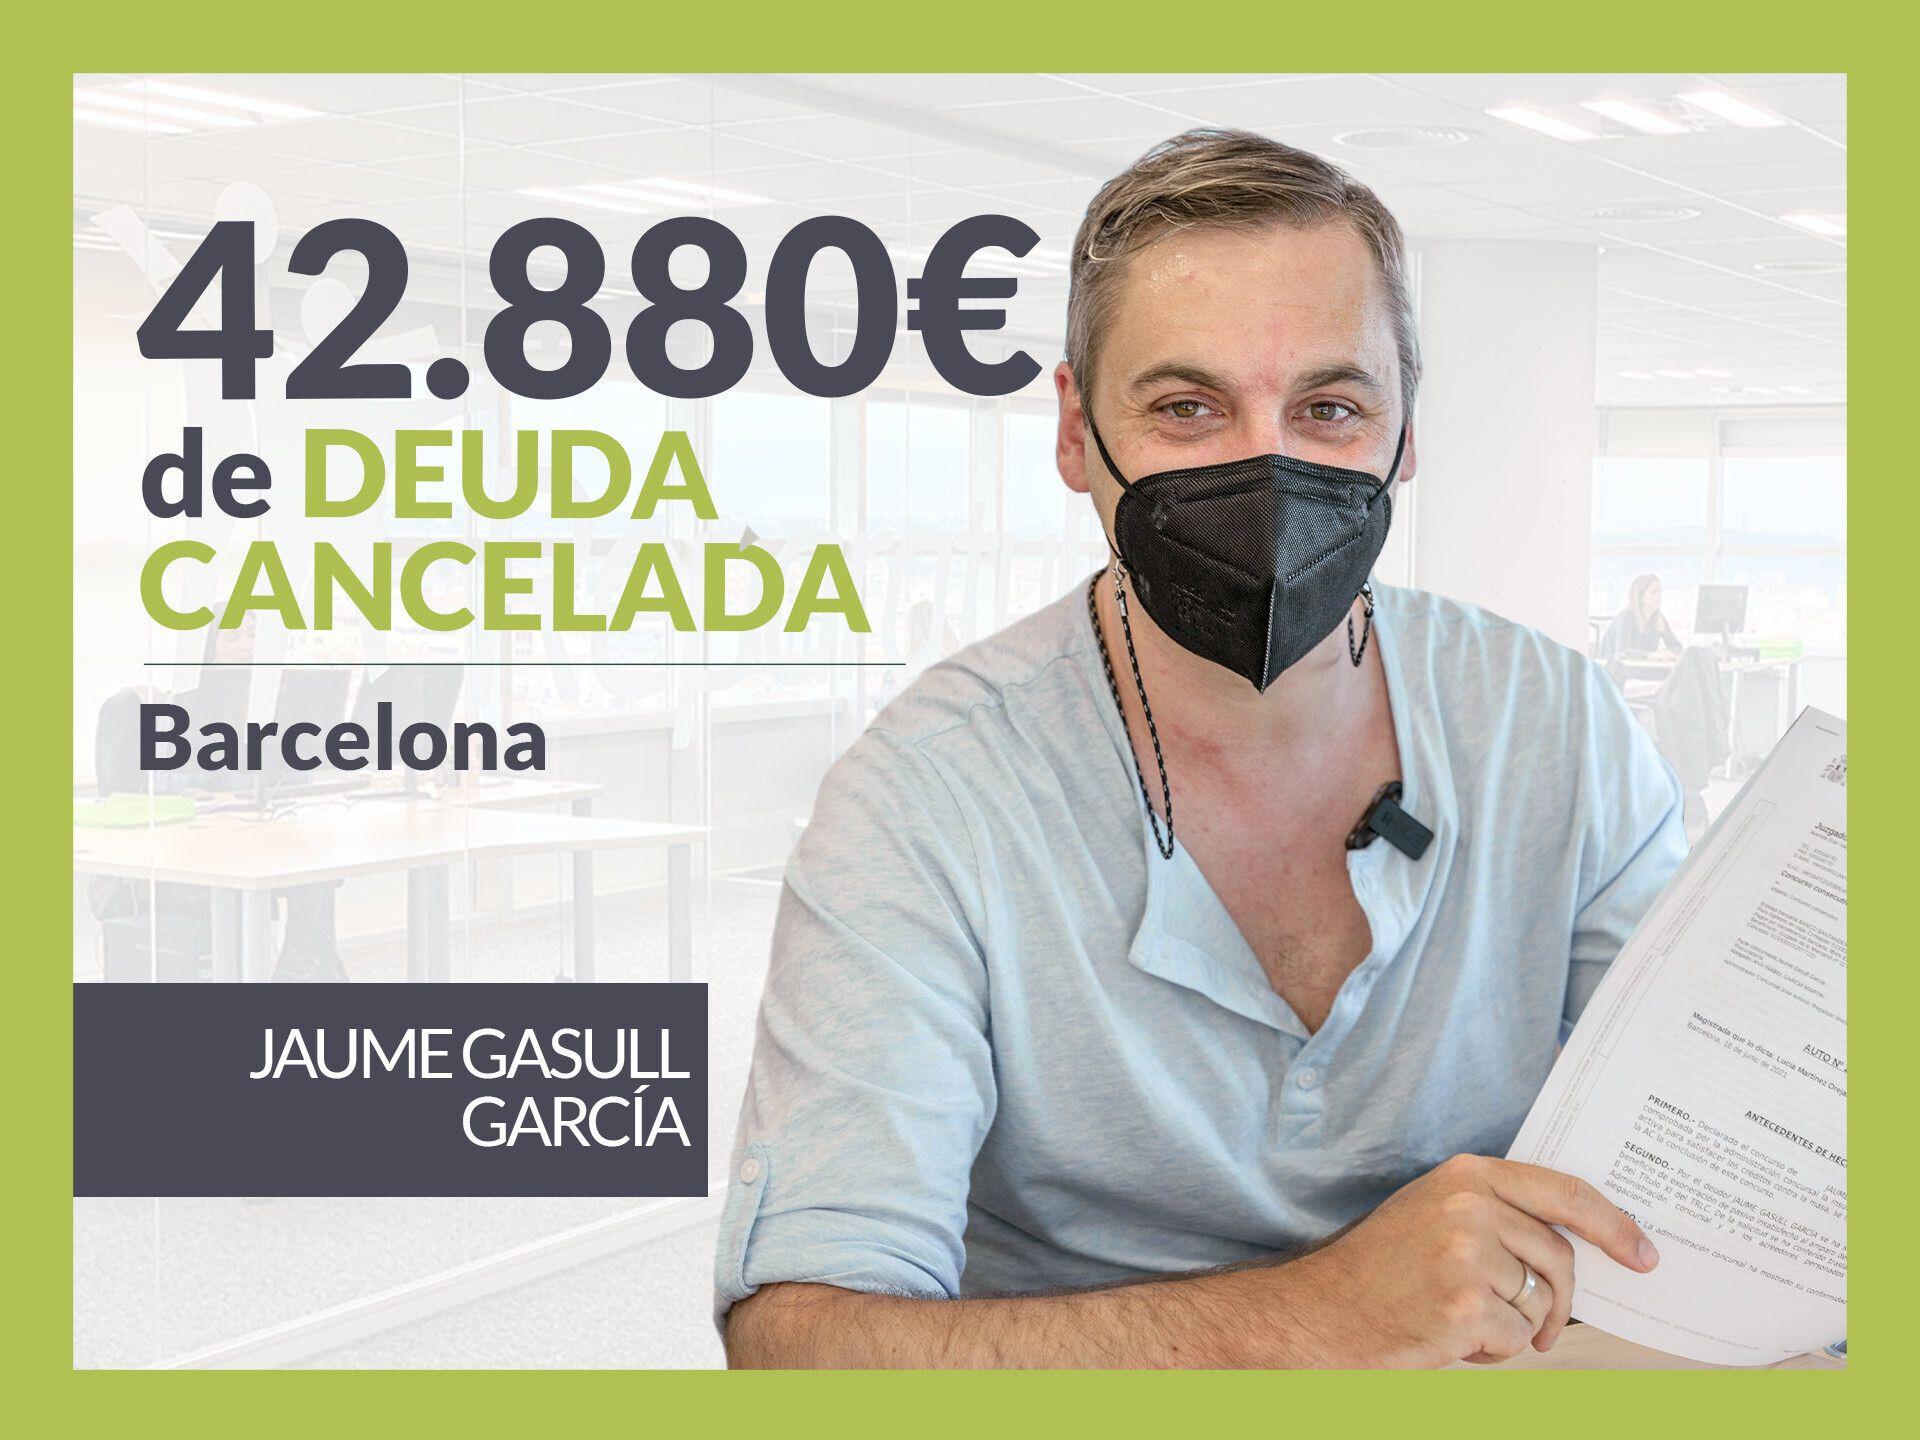 Foto de Jaume Gasull, exonerado con Repara Tu Deuda con la Ley de